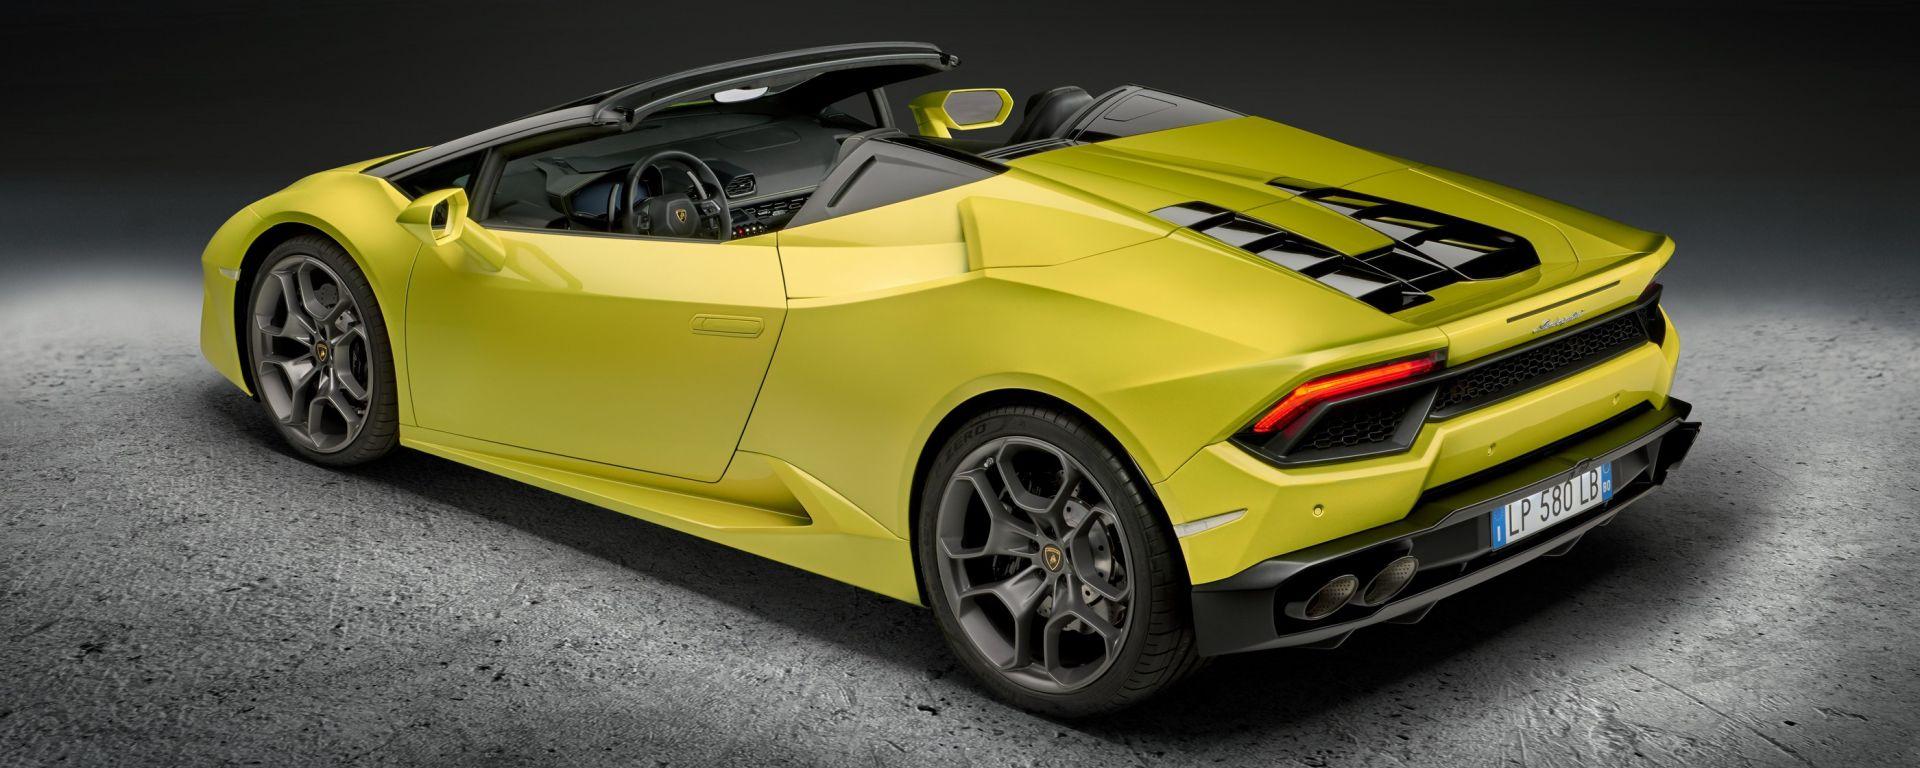 """Lamborghini Huracan Spyder: gli pneumatici Pirelli PZero sono montati su cerchi Kari da 19"""""""